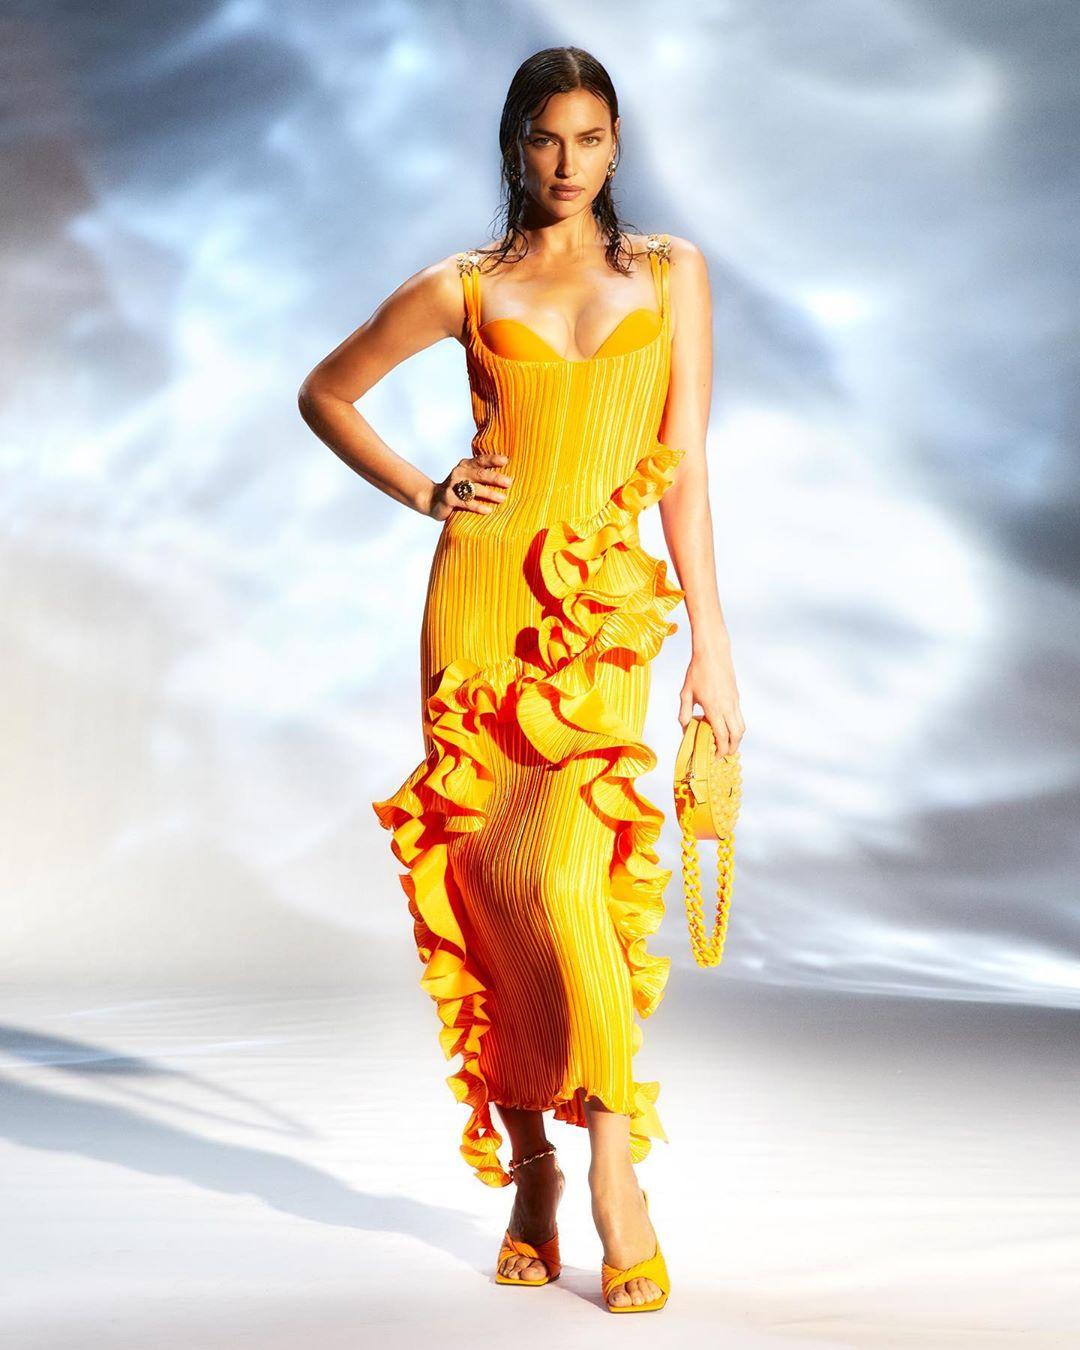 versace fashion: 13